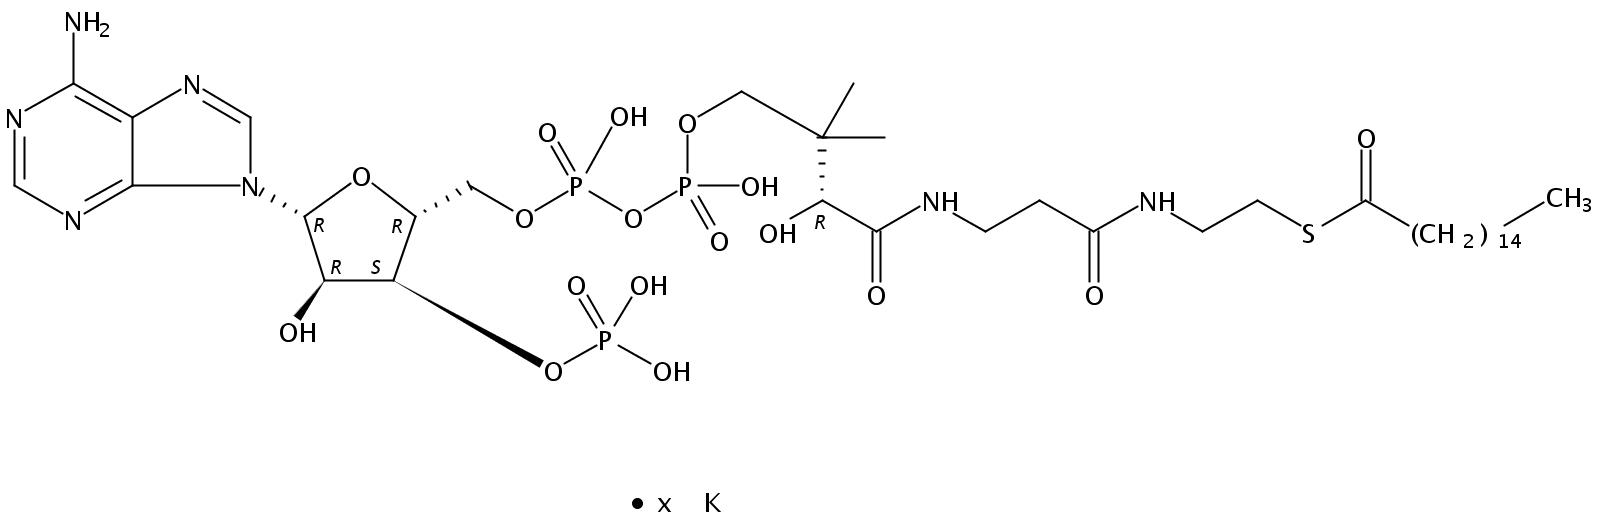 Structural formula of Hexadecanoyl Coenzyme A K salt